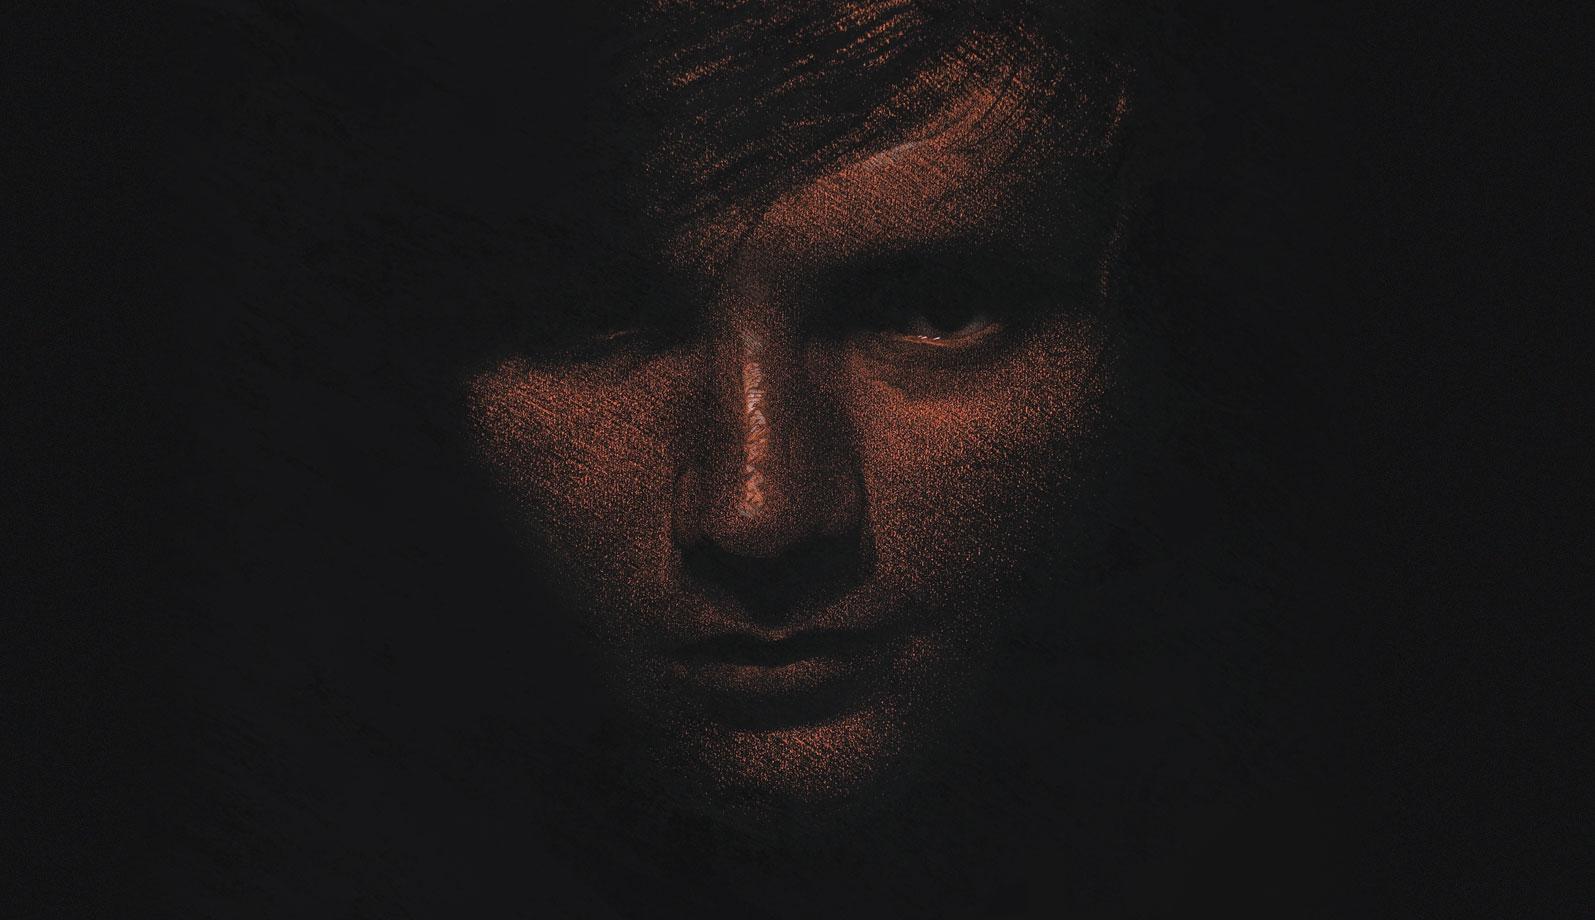 ed_sheeran1